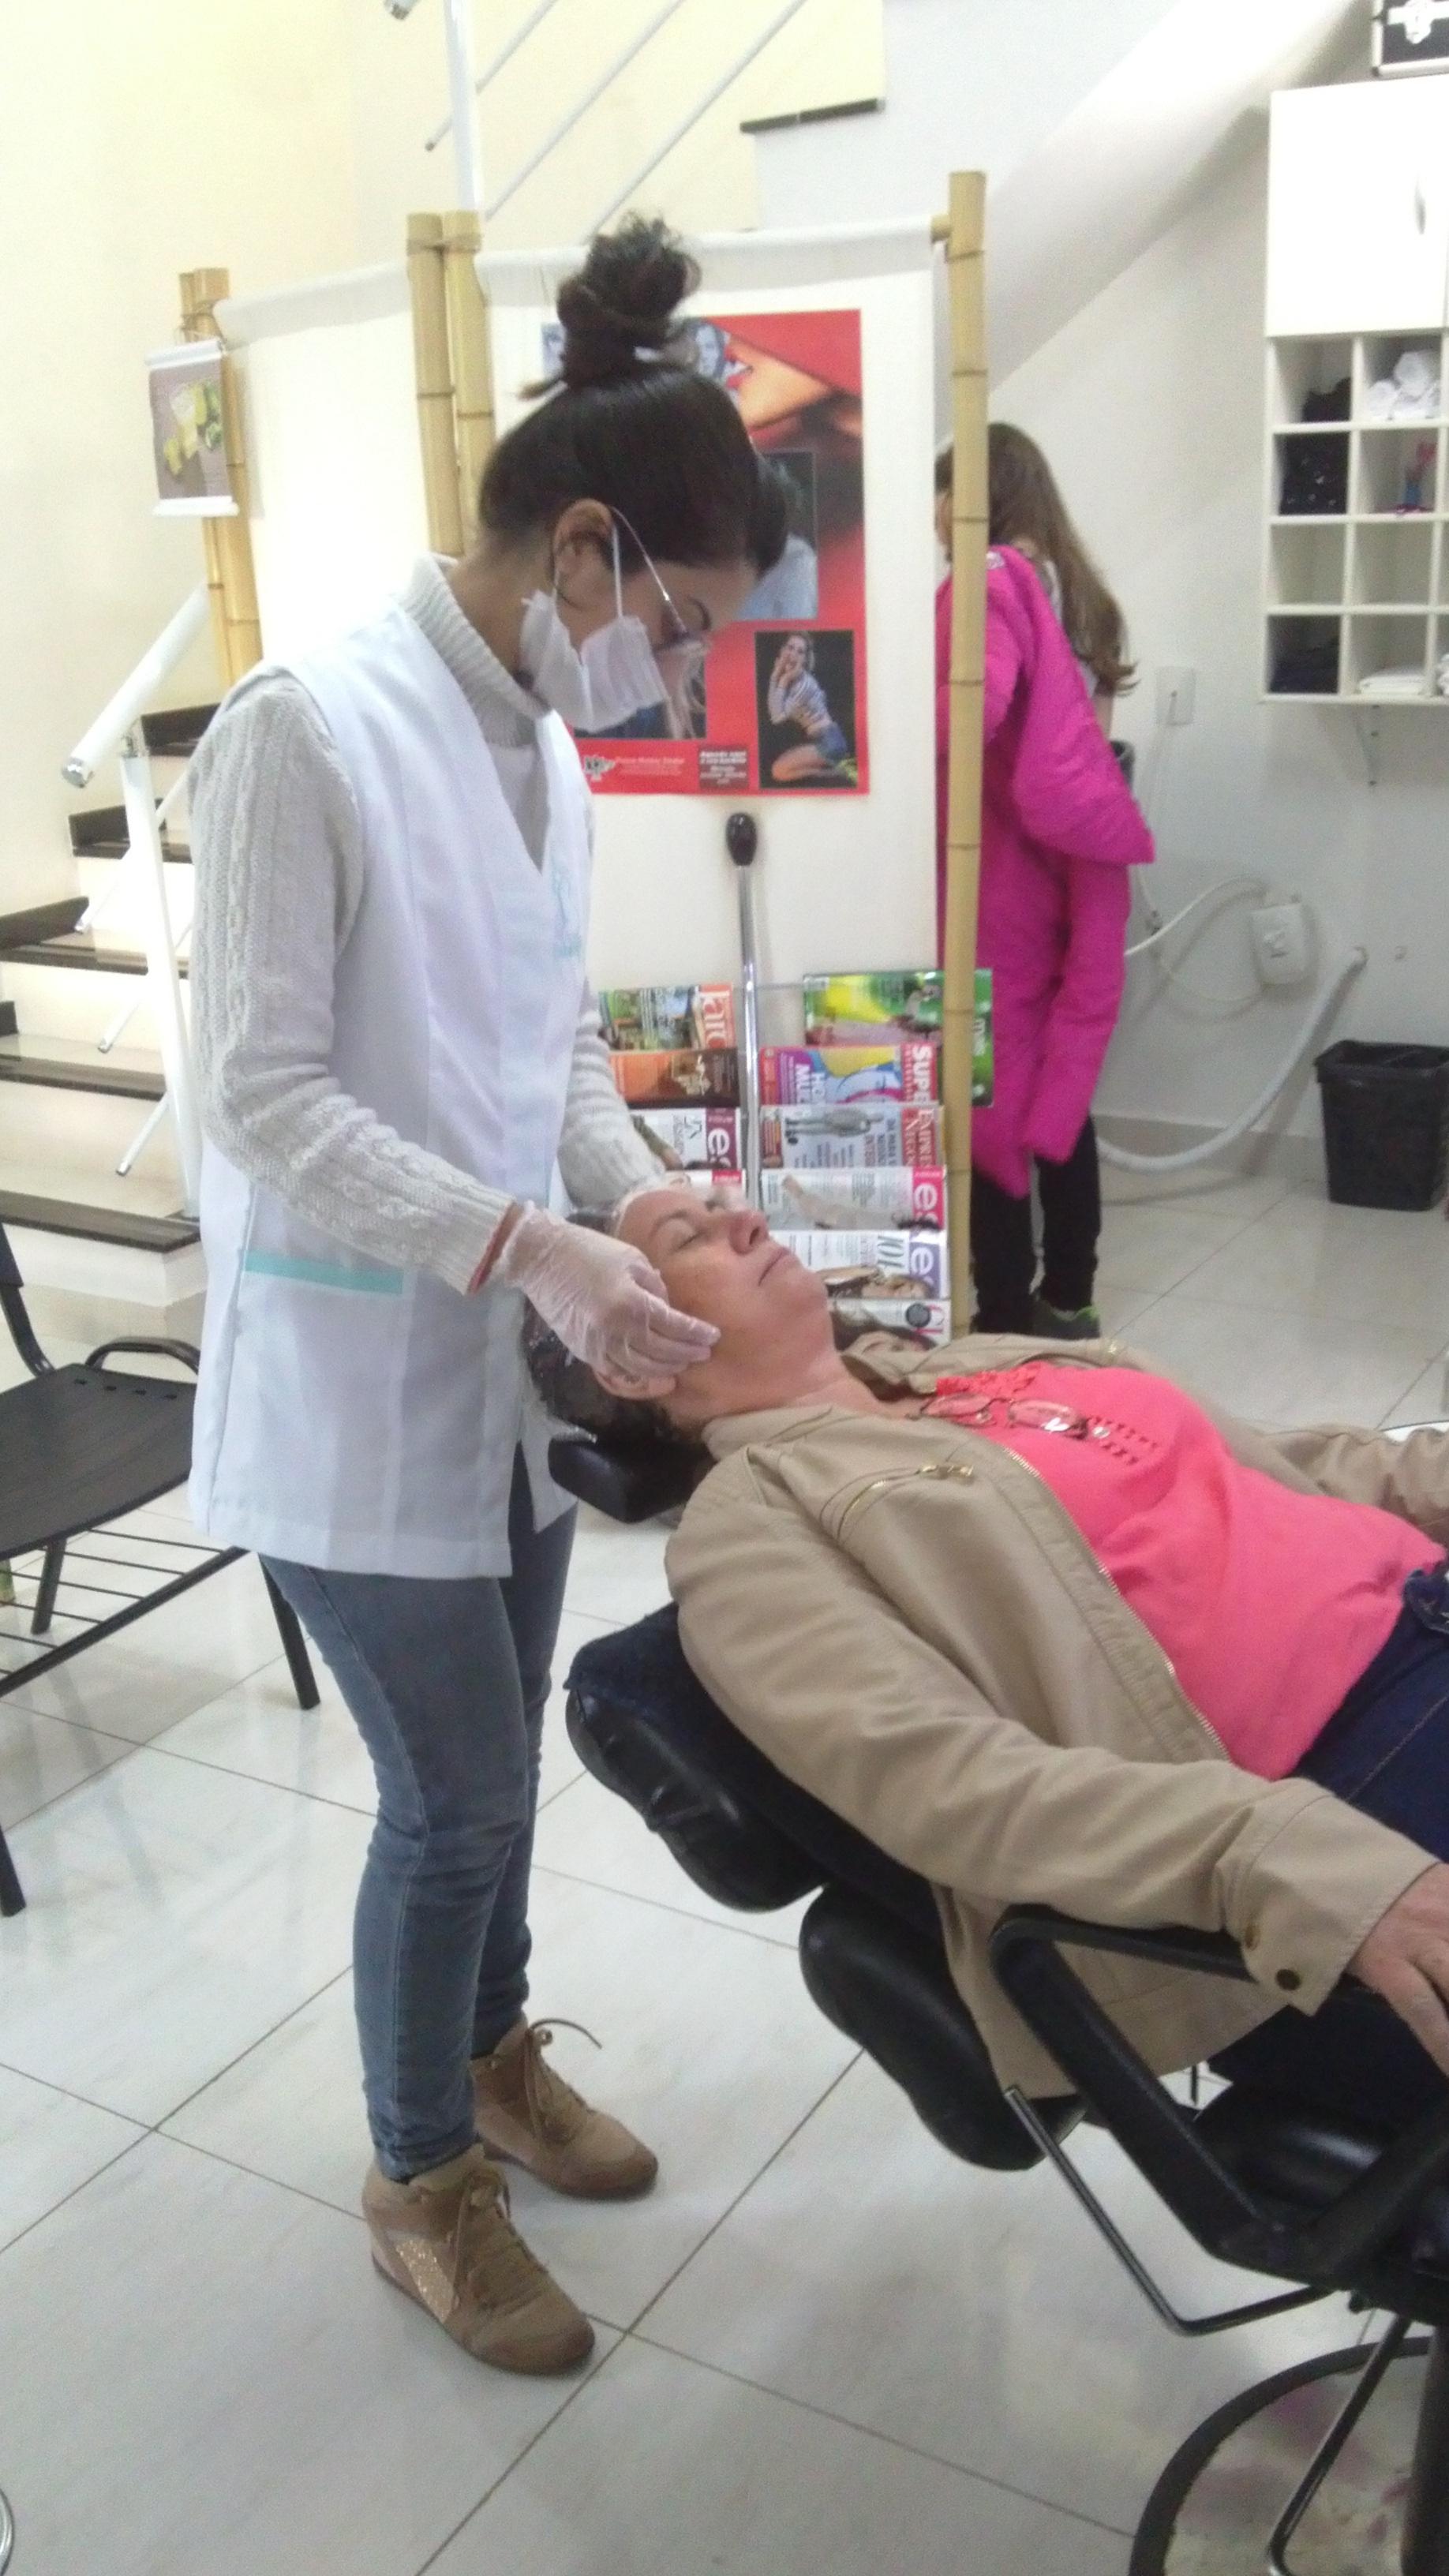 #Lu Alves Estética Facial estética cabeleireiro(a) depilador(a) designer de sobrancelhas maquiador(a) esteticista